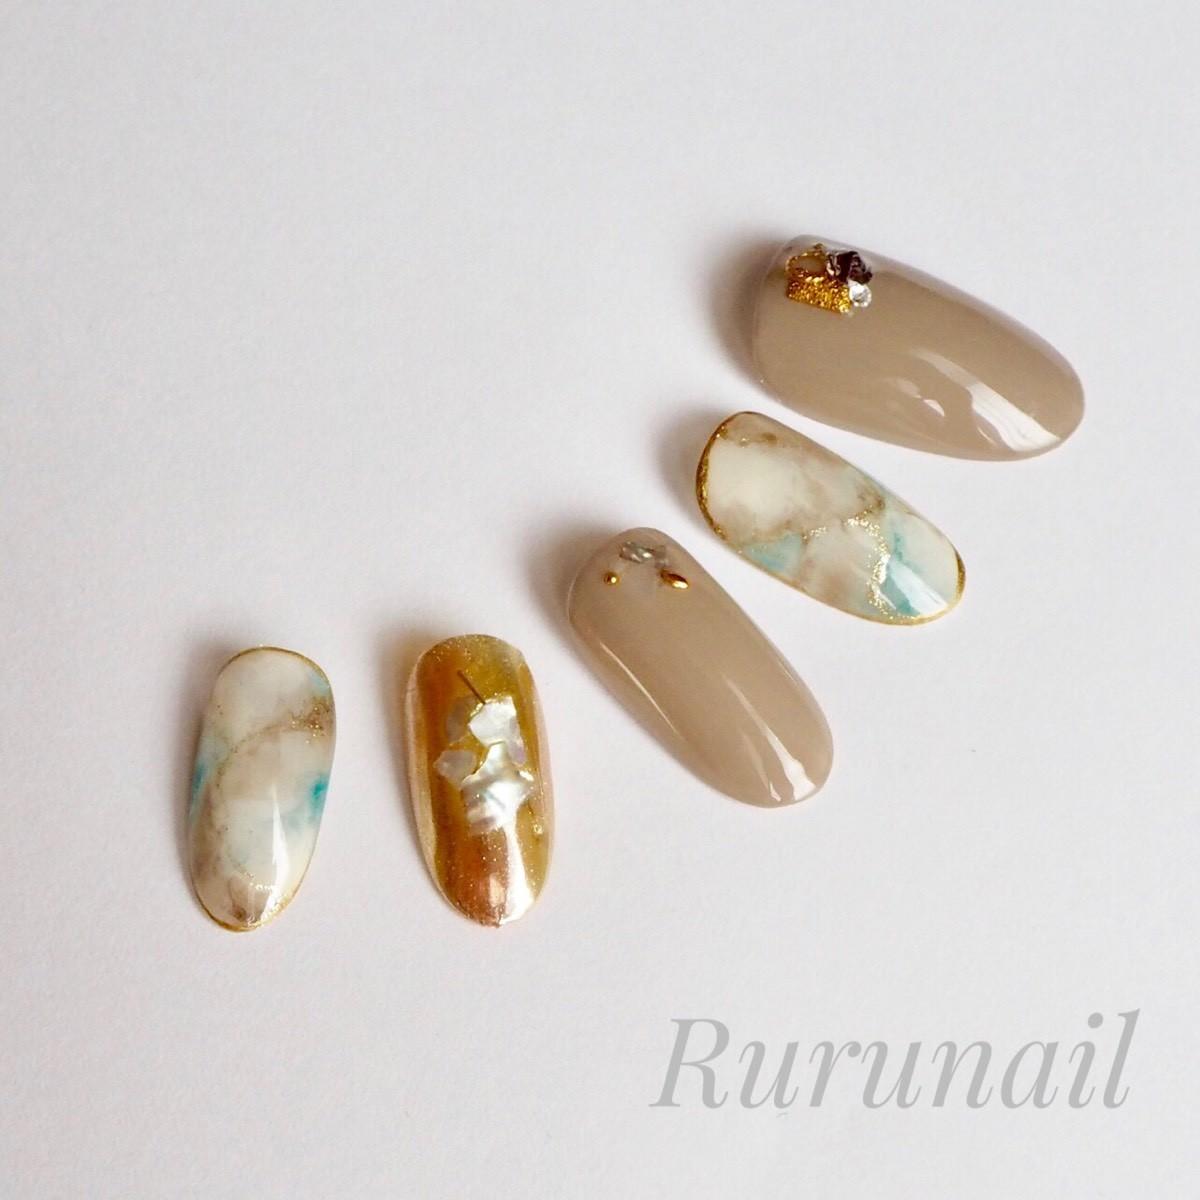 画像4: ナチュラルカラー天然石とミラーの夏ネイルチップ(408